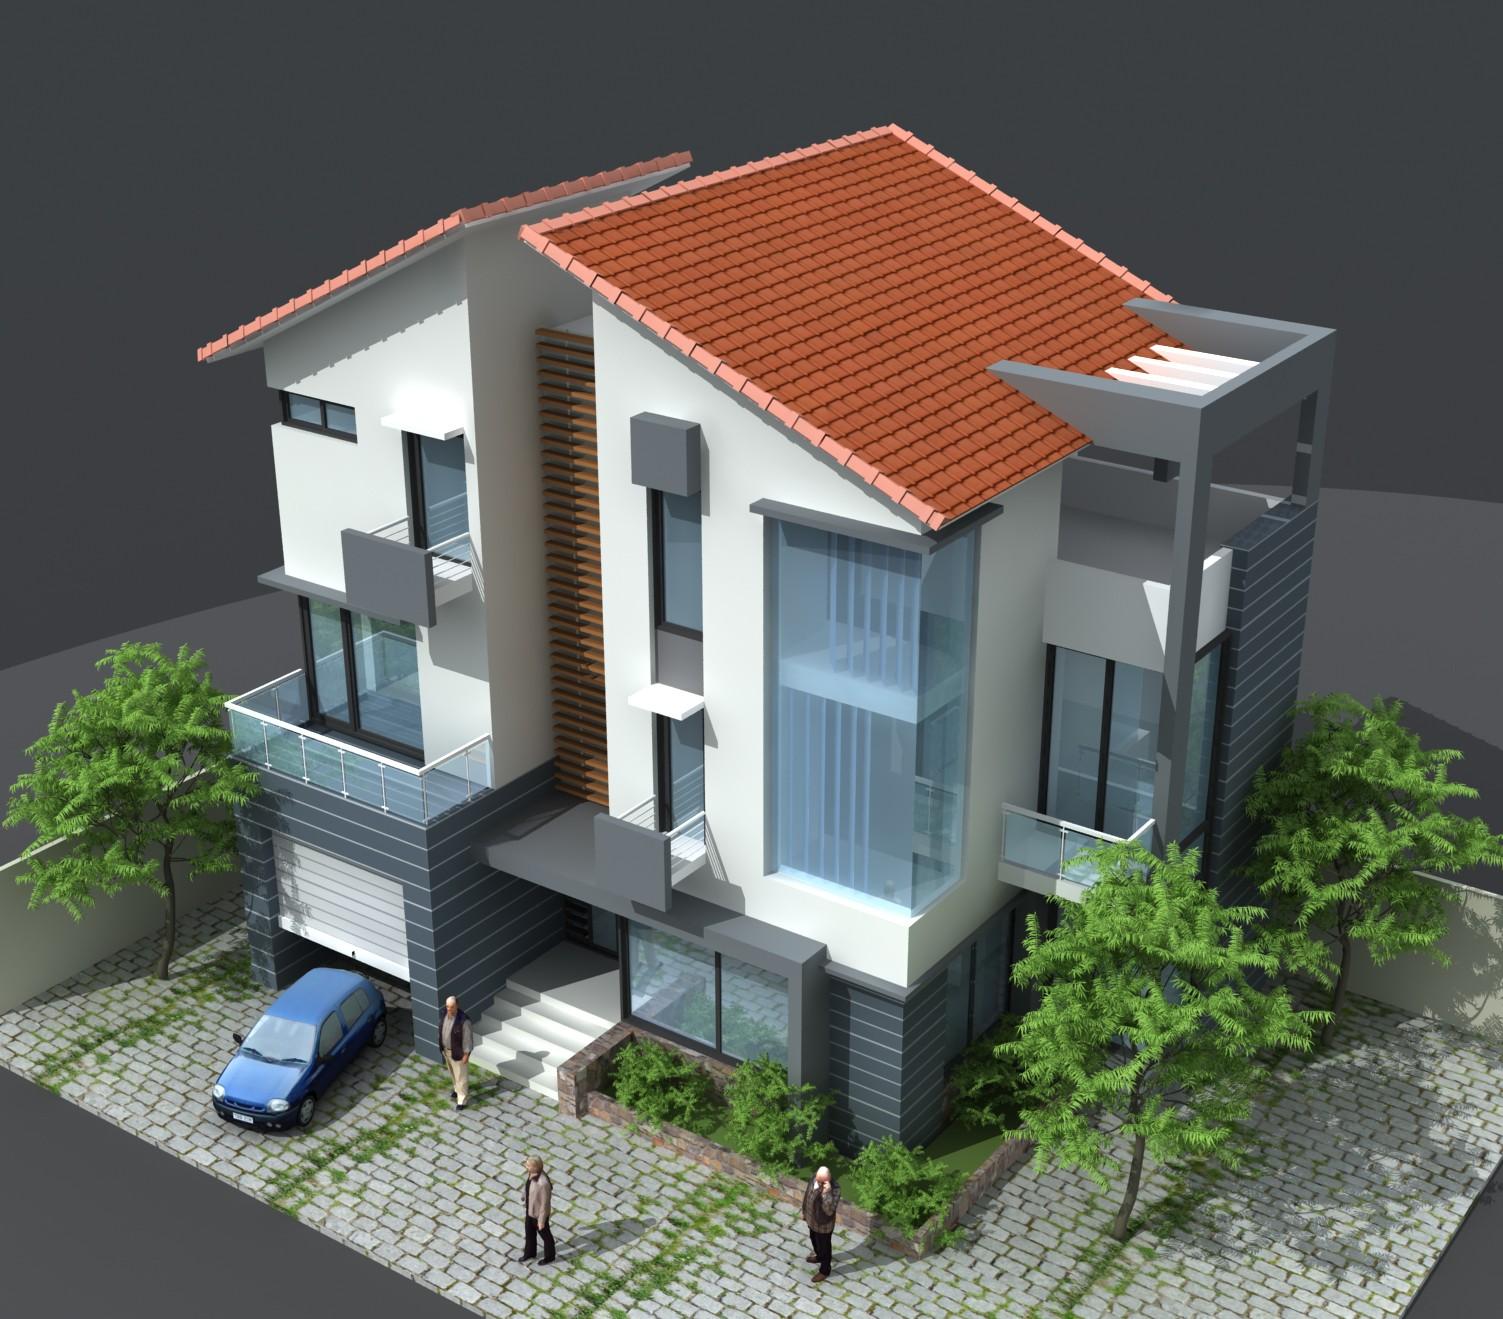 2 Thiết Kế Nhà Giá Rẻ Tại Hà Nội Quảng Ninh 45.000đ, Thiết Kế Nhà Tại Hà Nội Quảng Ninh